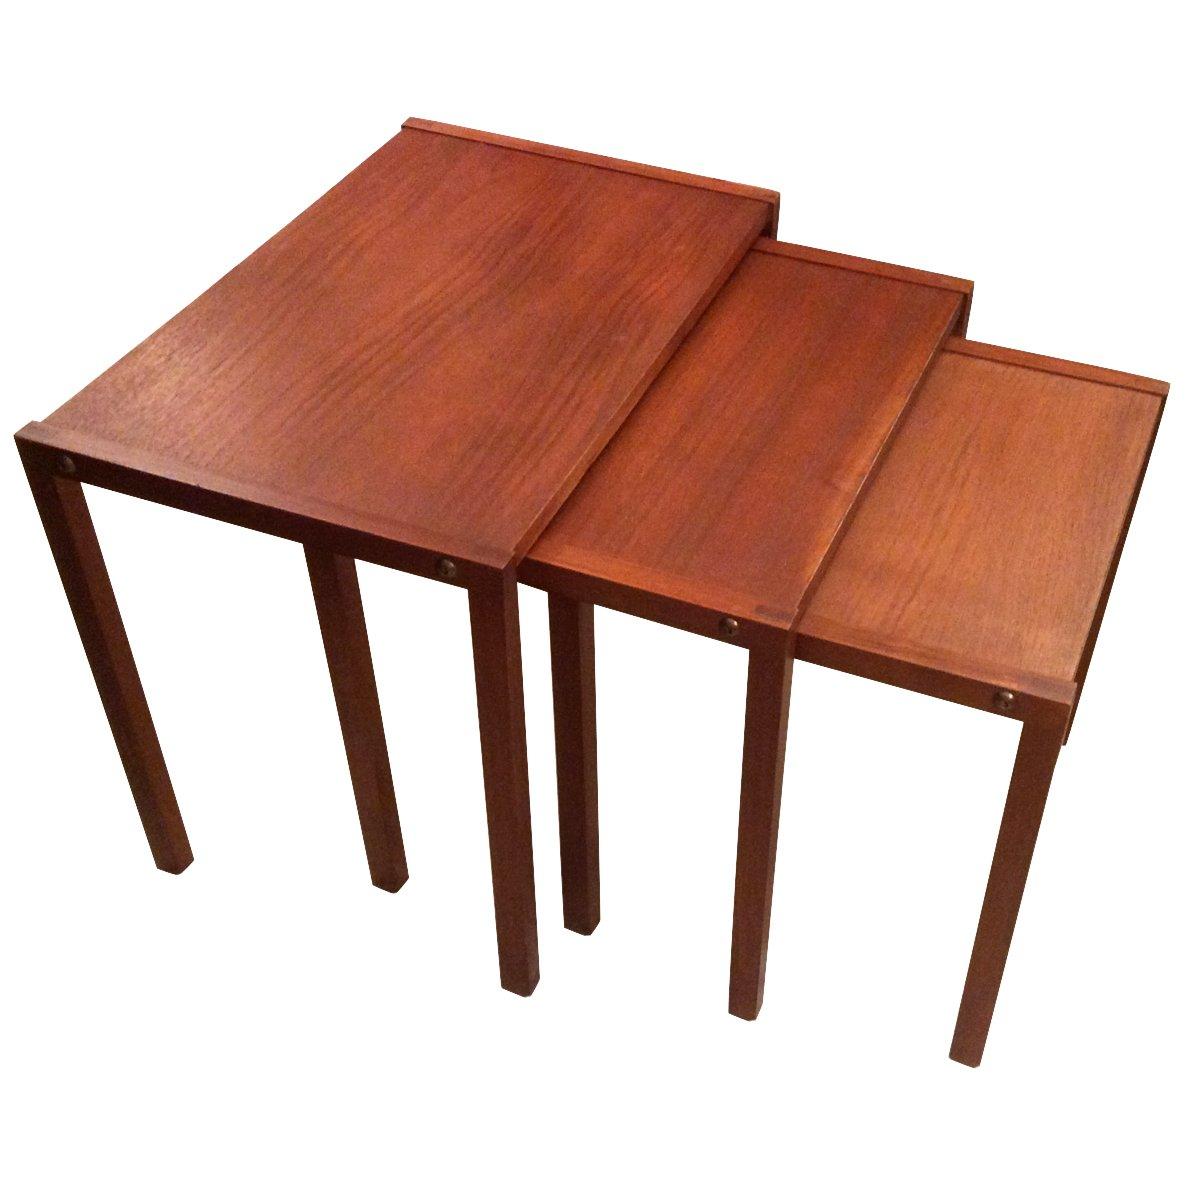 schwedische satztische bei pamono kaufen. Black Bedroom Furniture Sets. Home Design Ideas